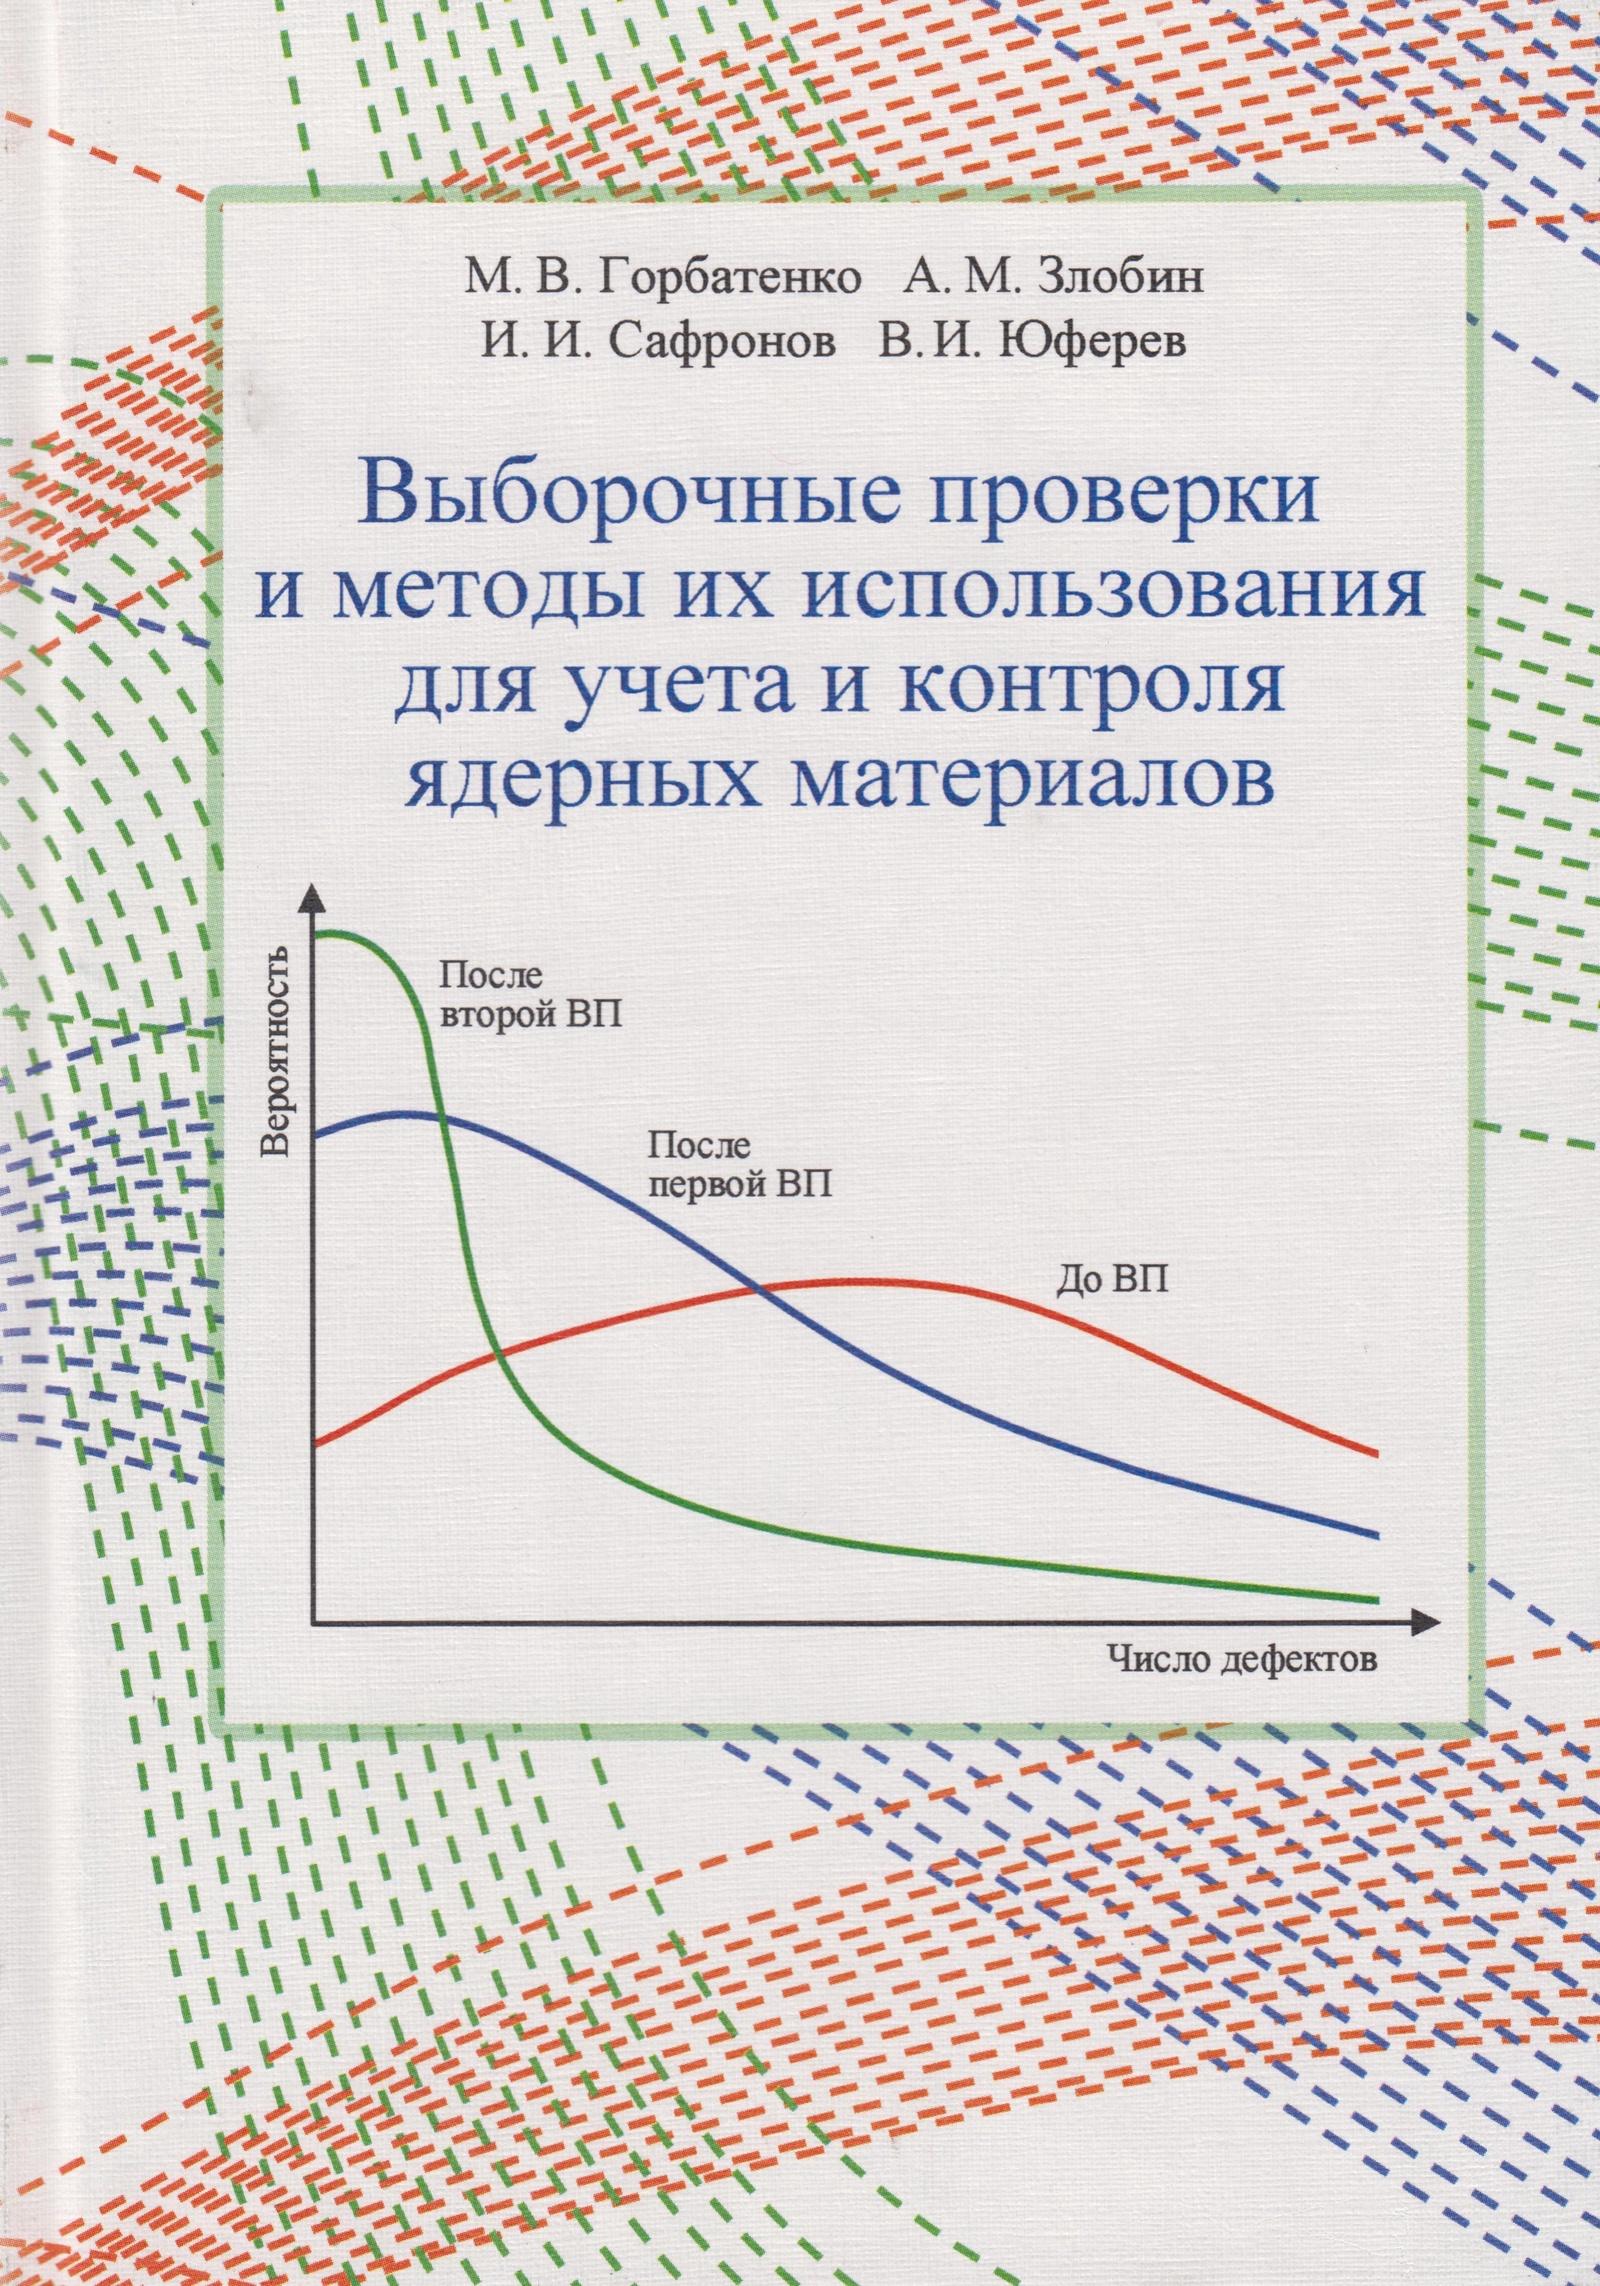 Горбатенко Михаил Владимирович Выборочные проверки и методы их использования для учета и контроля ядерных материалов